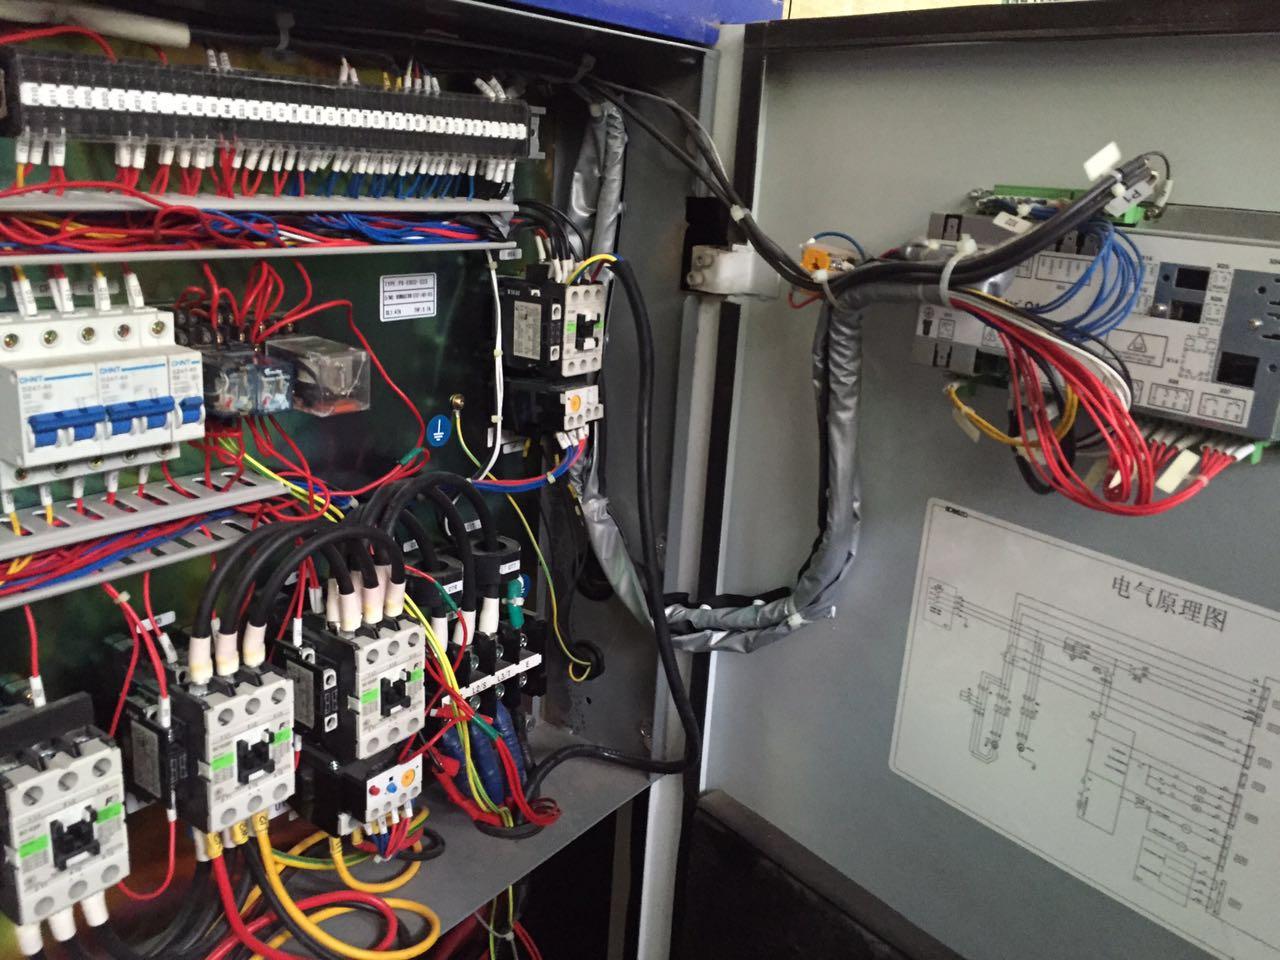 """不要装在有震动的设备上,因为这样变频器里面的主回路联接螺丝容易松动,有不少变频器就因为这原因而损坏。 二、接线问题:变频器输入端最好接上一个空气开头保护电流以值不能太大,以防止发生短路时烧毁不会太严重。一定不能将""""N""""端接地。控制线尽量不要太长。因为这样使控制板容易受电磁波干扰而产生误动作,也会导致控制板损坏,超过2 米长的最好用屏蔽线。变频器旁边不要装有大电流而且经常动作的接触器,因为它对变频器干扰非常大,经常使变频器误动作(显示各种故障)。 三、经常要急停车的变频器最好不要依"""